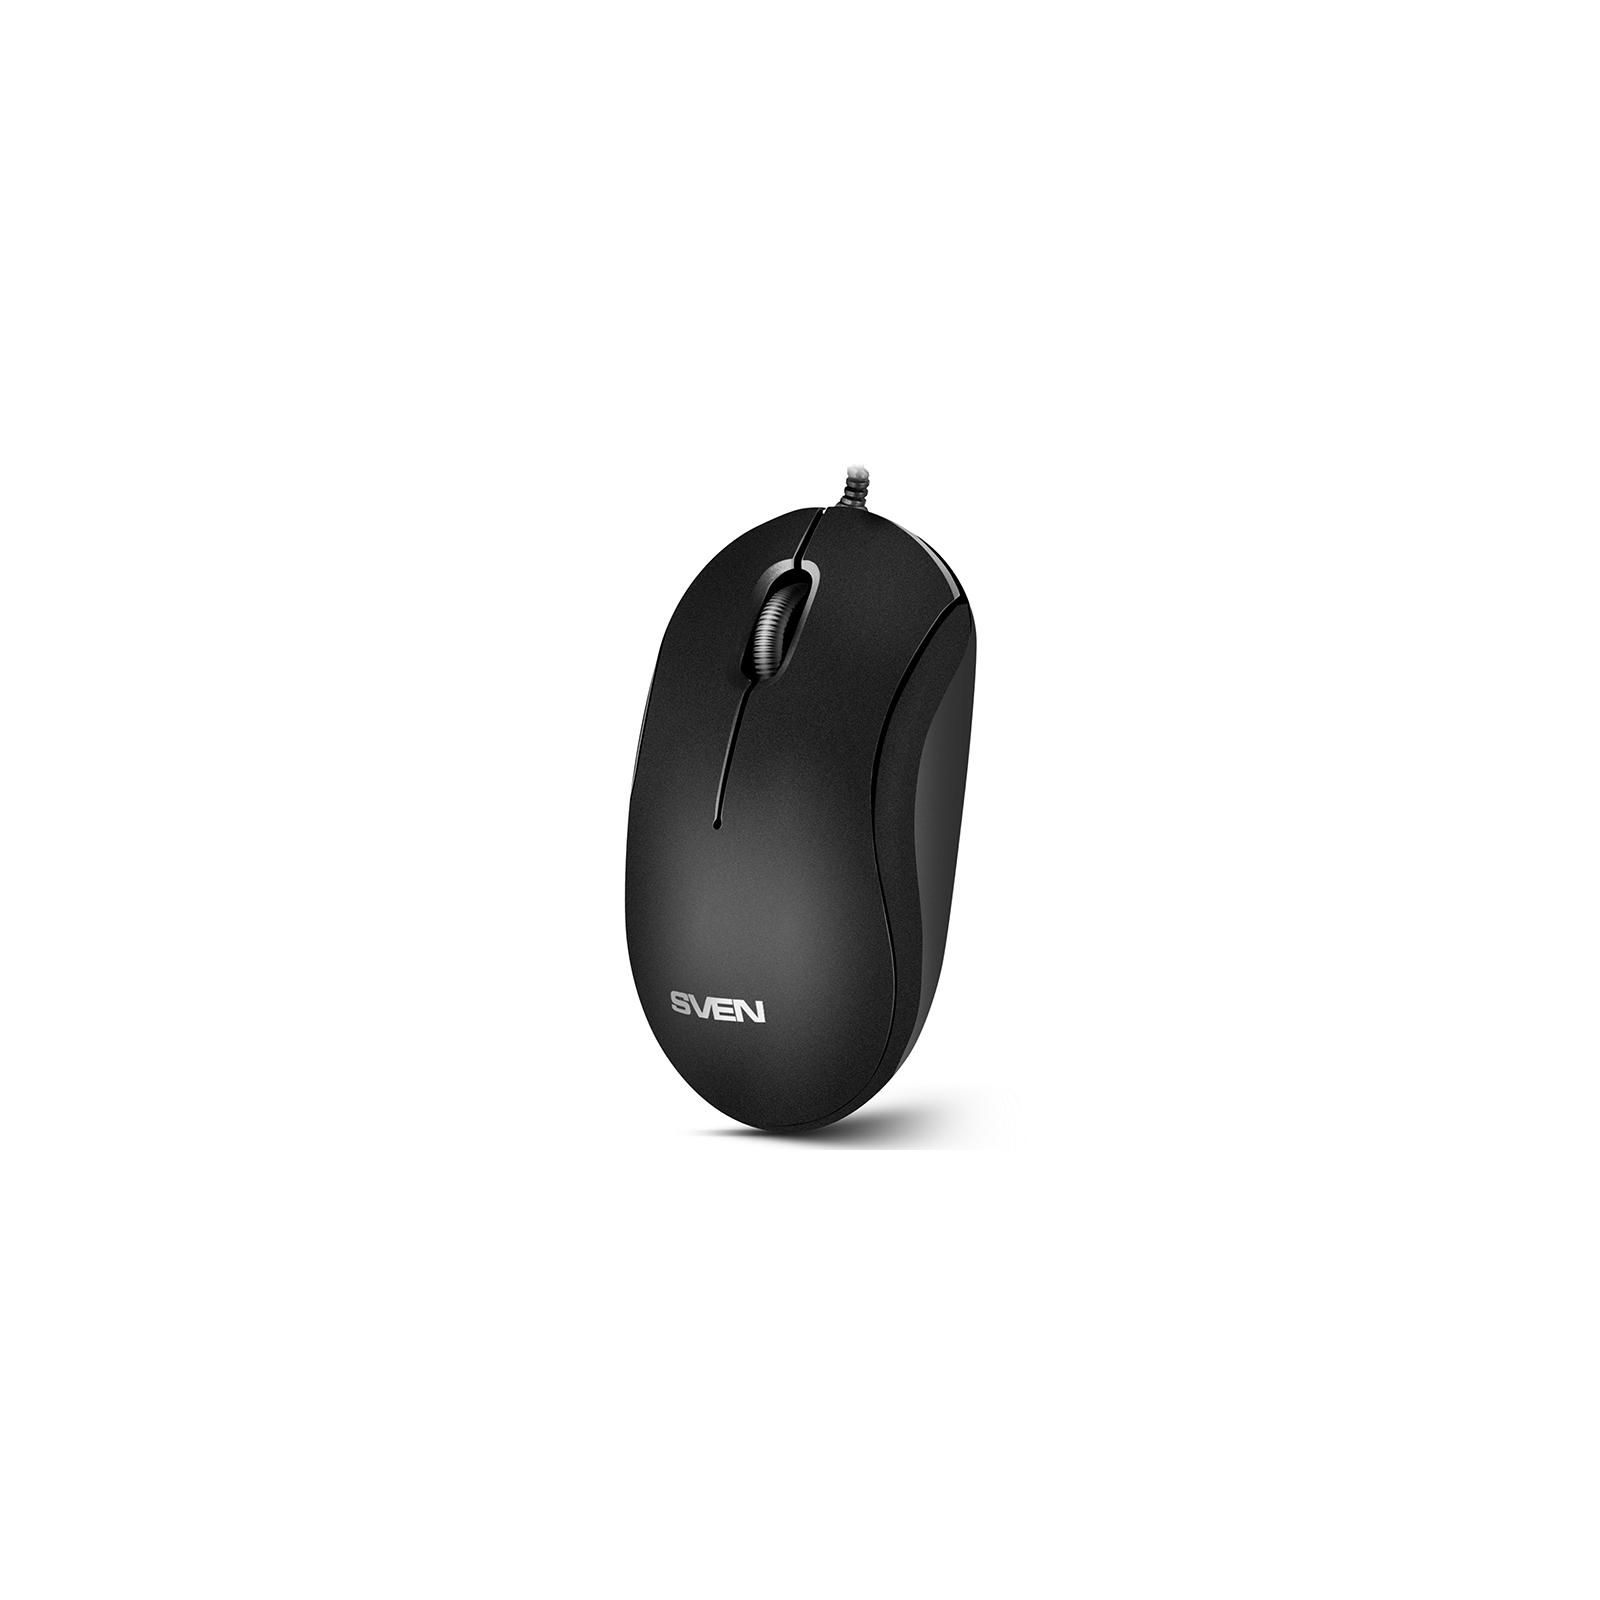 Мышка Sven RX-60 Black изображение 12